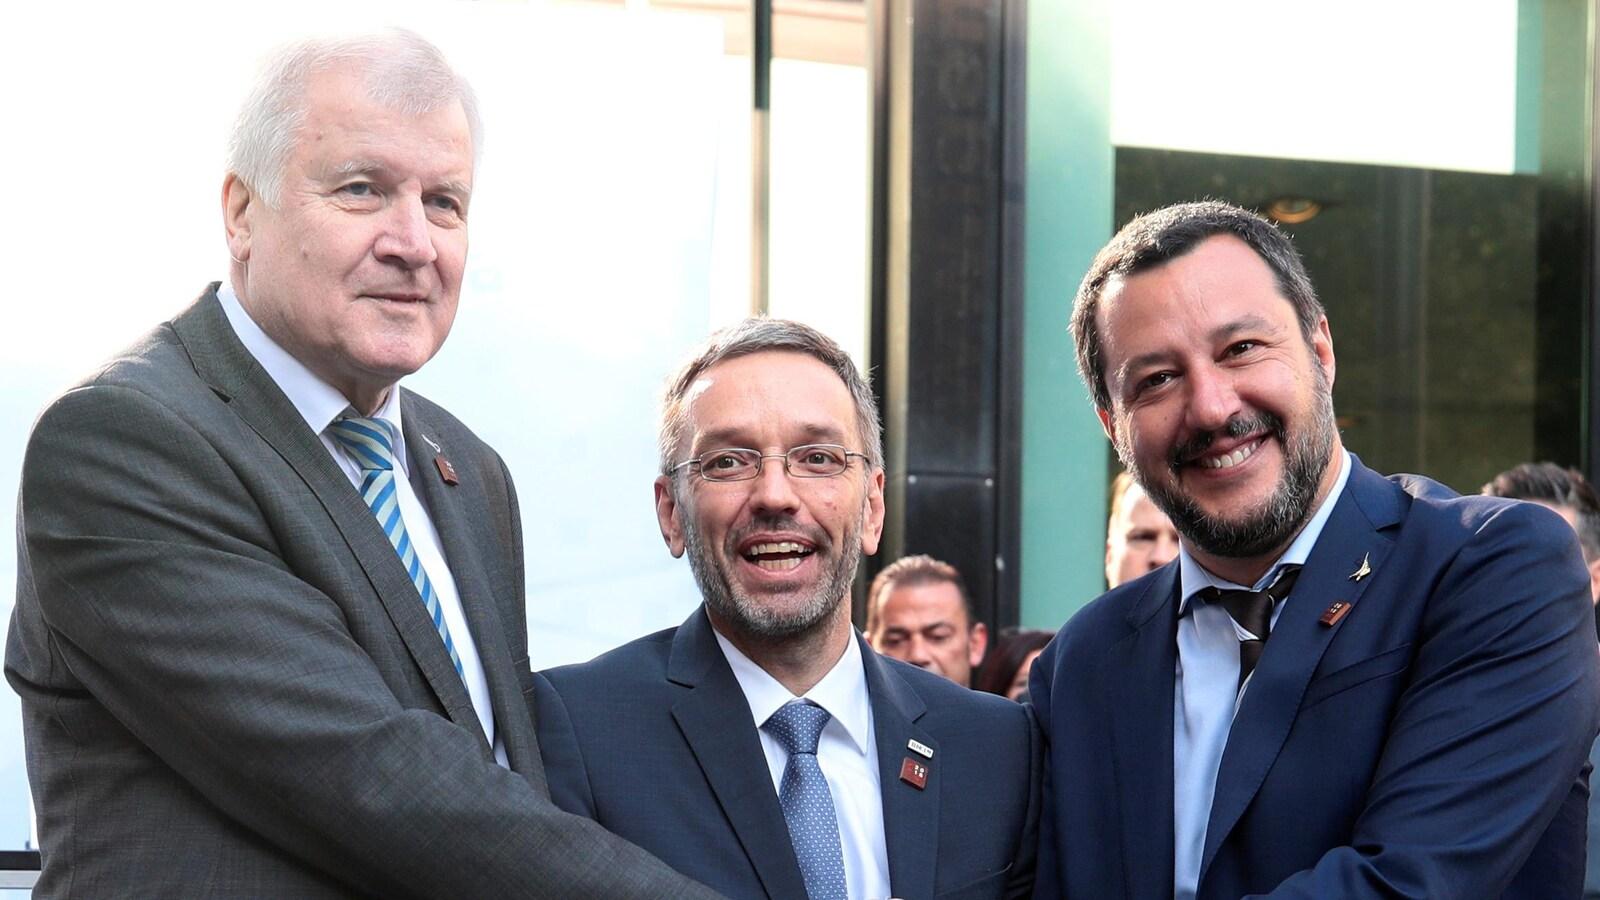 Les ministres de l'Intérieur de l'Allemagne (Horst Seehofer), de l'Autriche (Herbert Kickl) et de l'Italie (Matteo Salvini) se sont entretenus lors d'une réunion trilatérale en marge de la rencontre à Innsbruck.